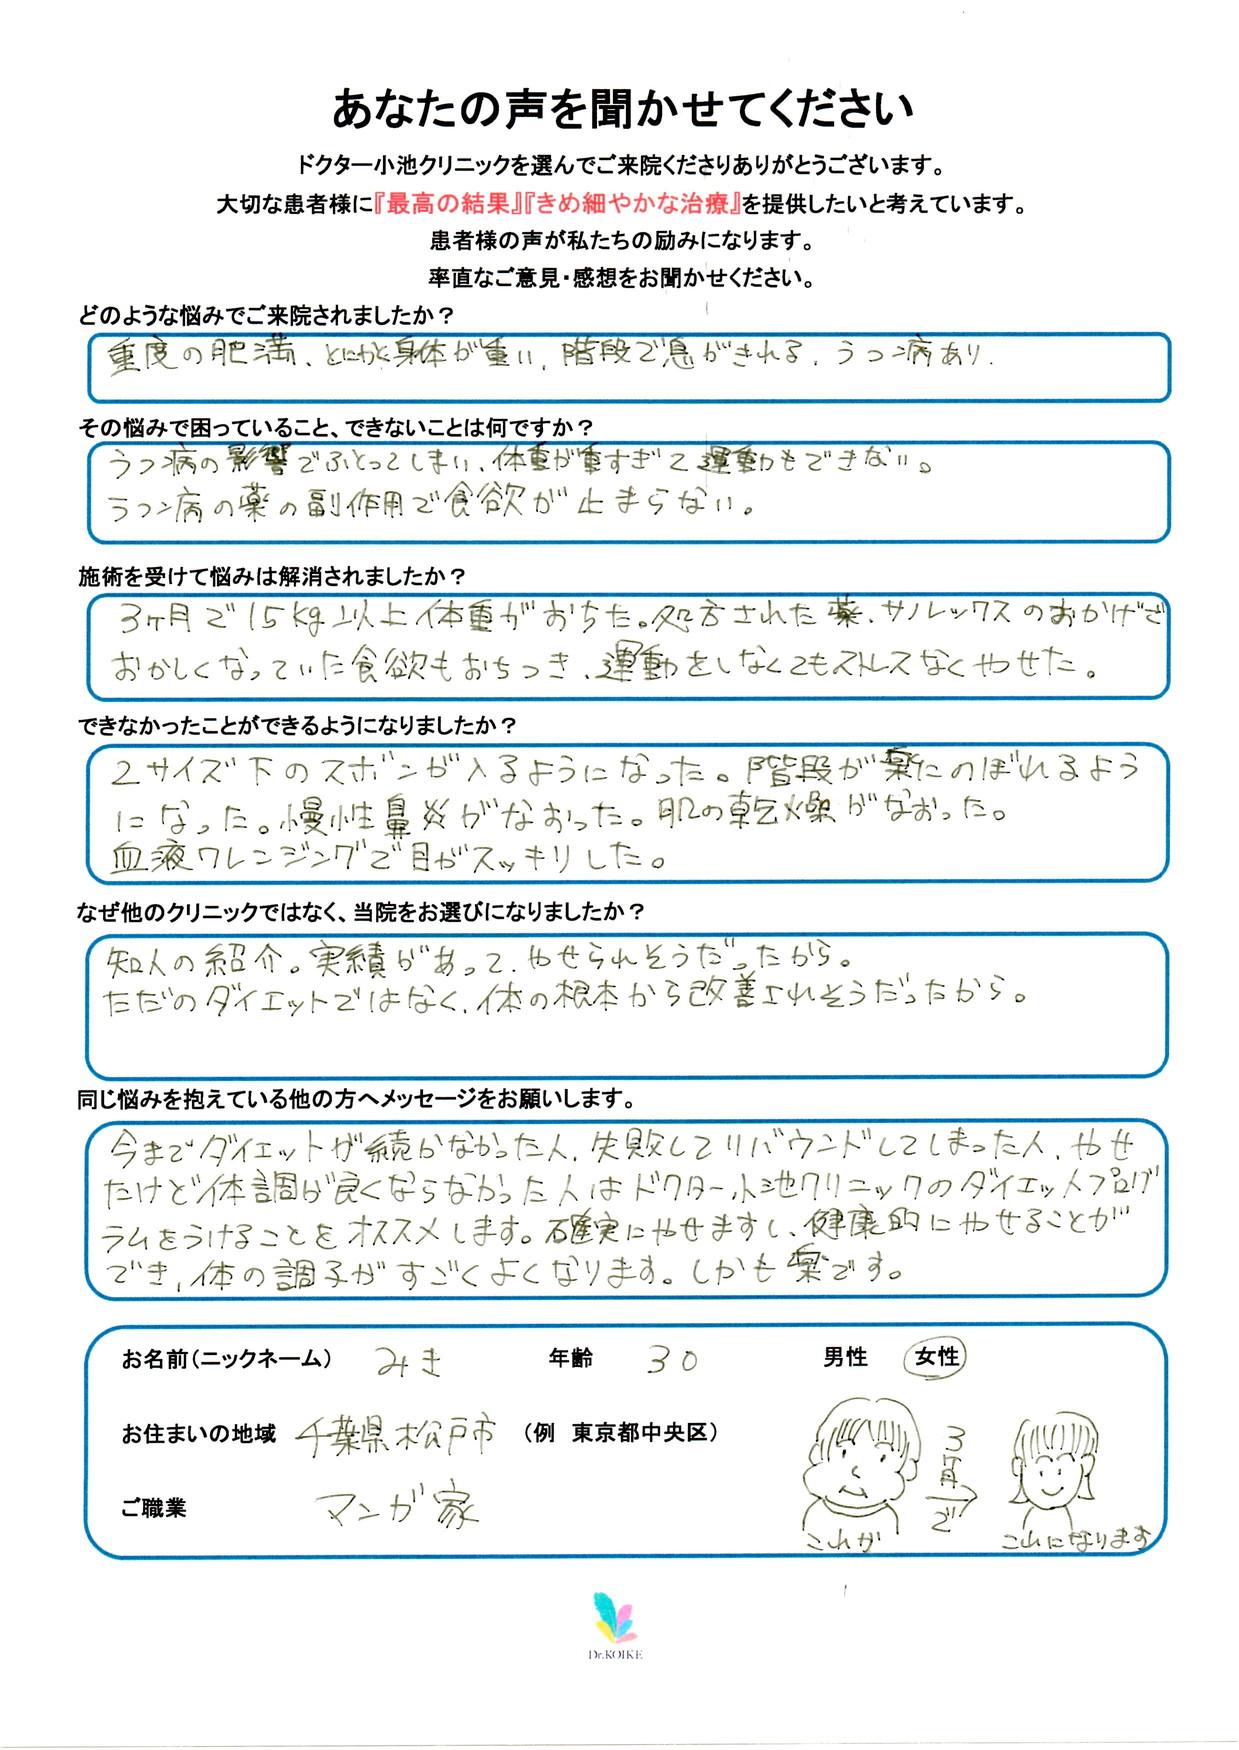 603. ダイエット・体質改善・疲労